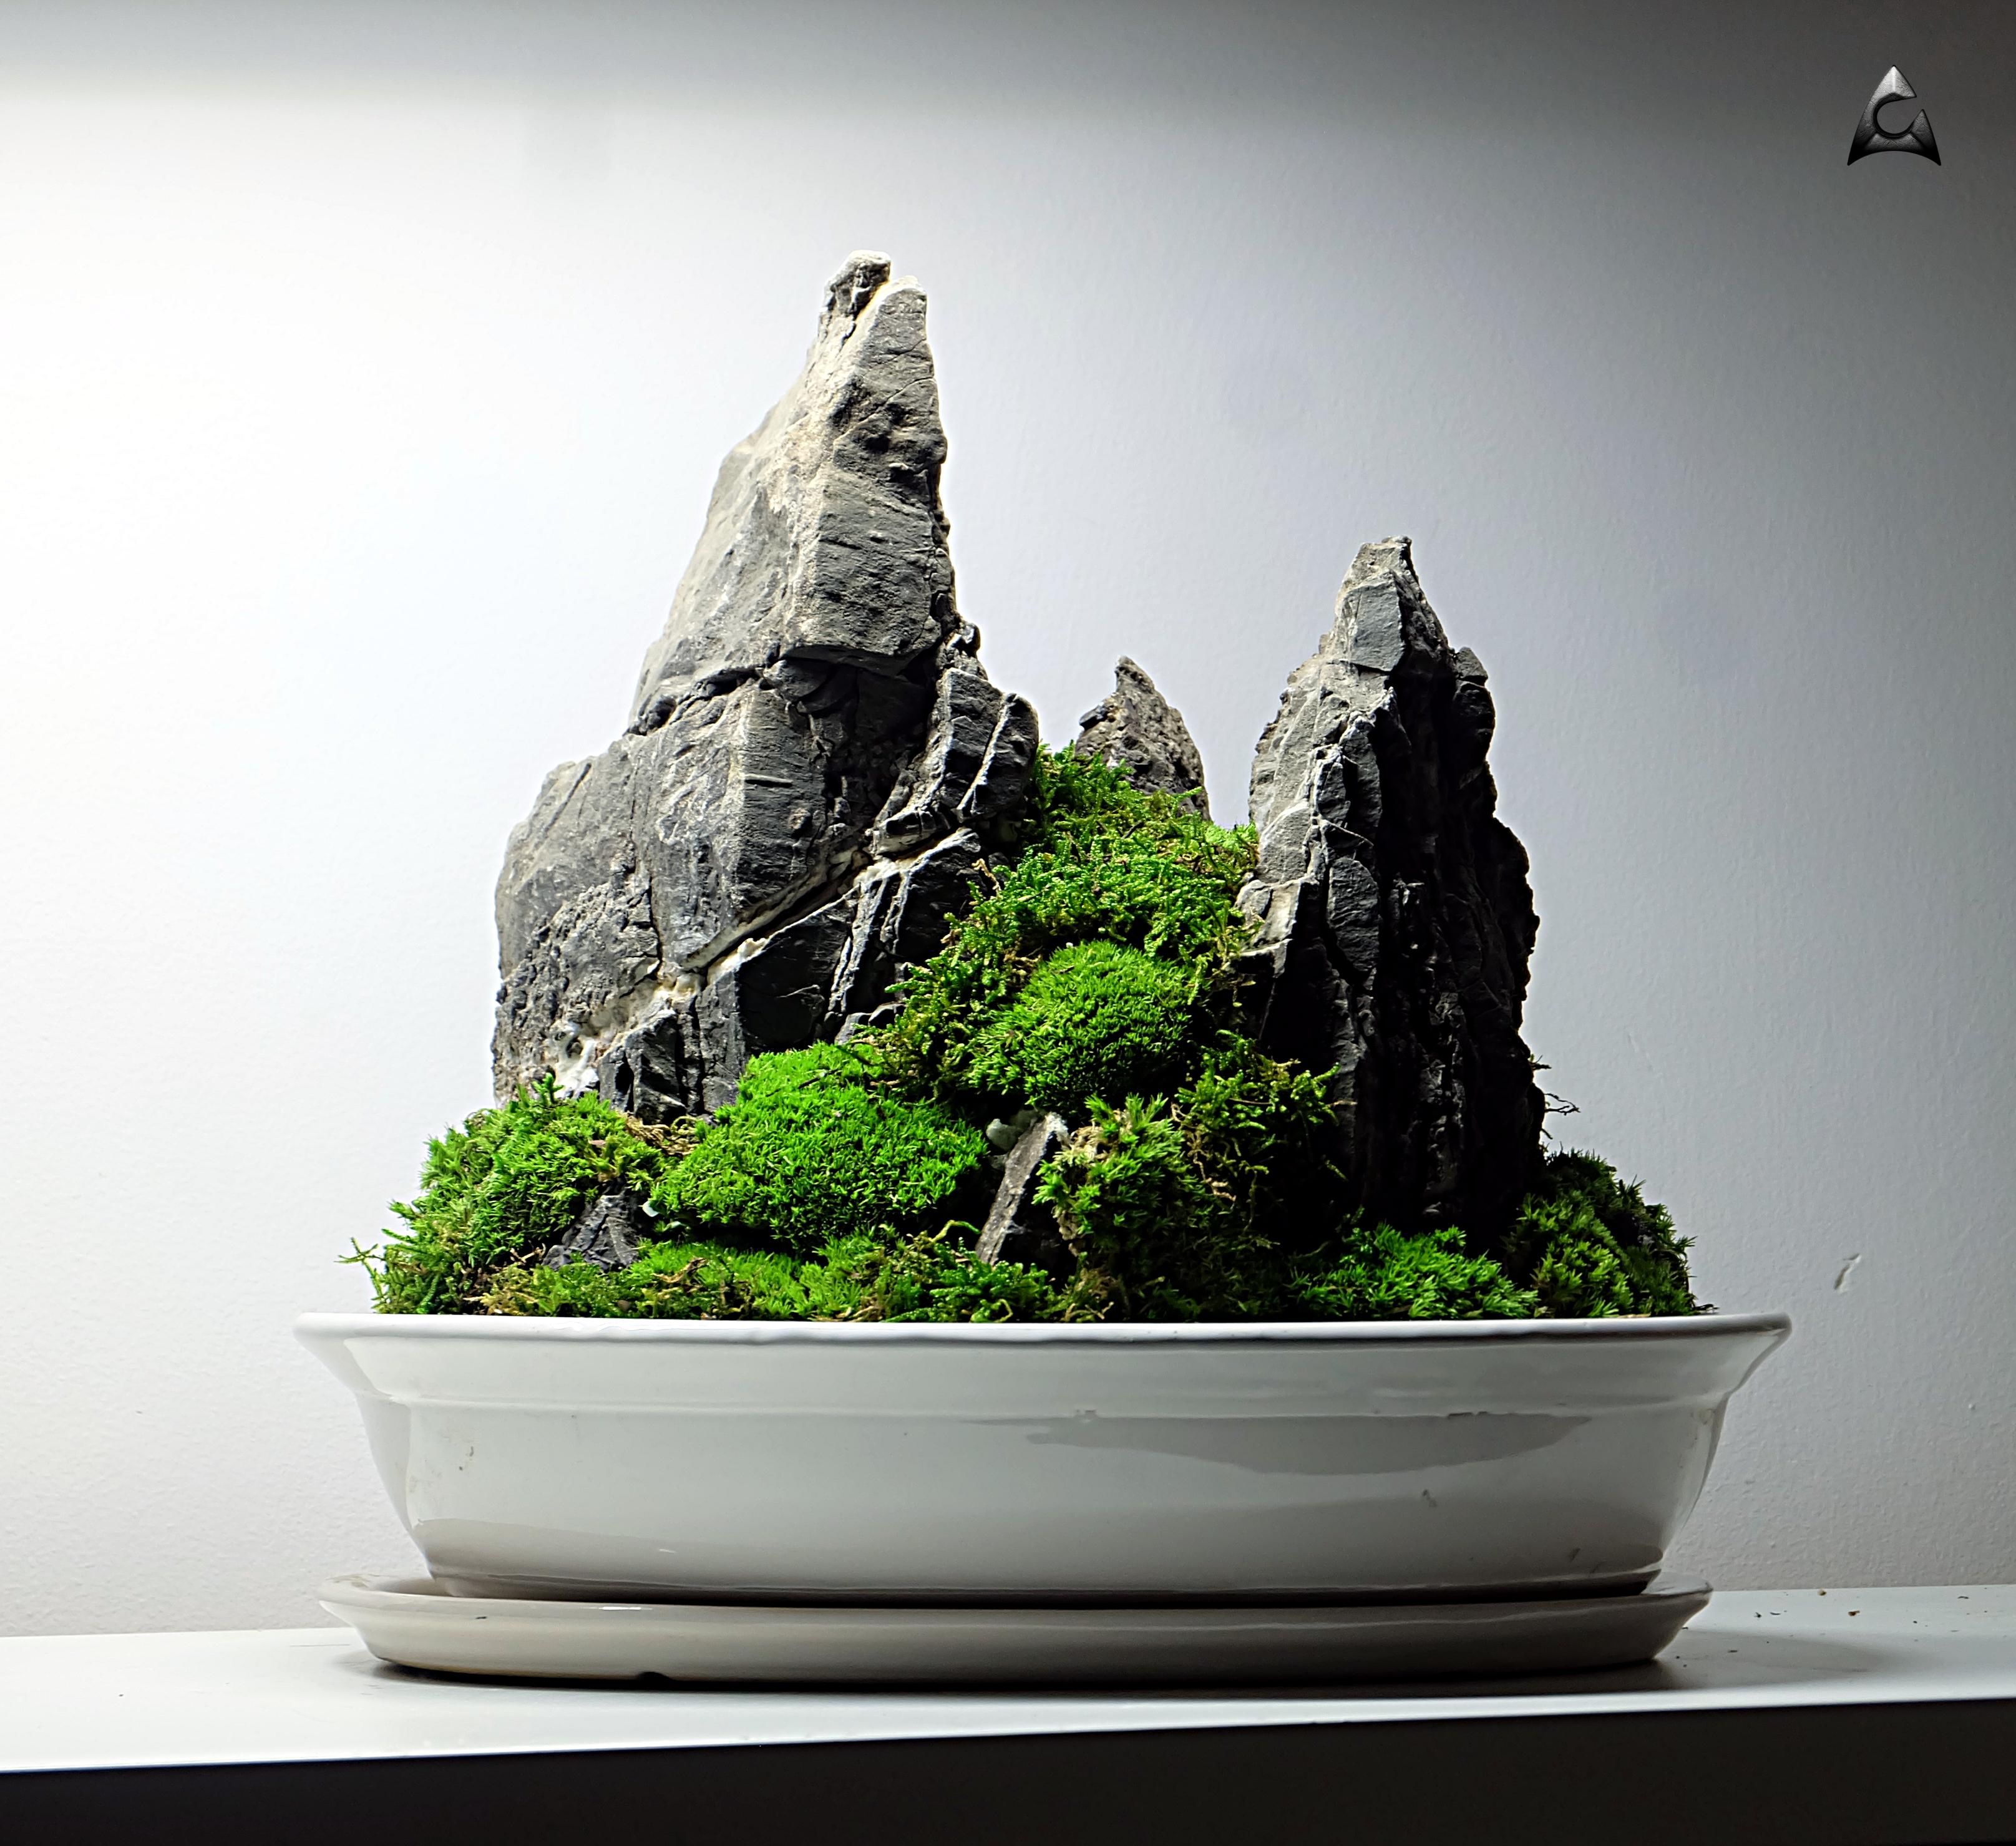 Koke-Bonkei - japońska sztuka6x